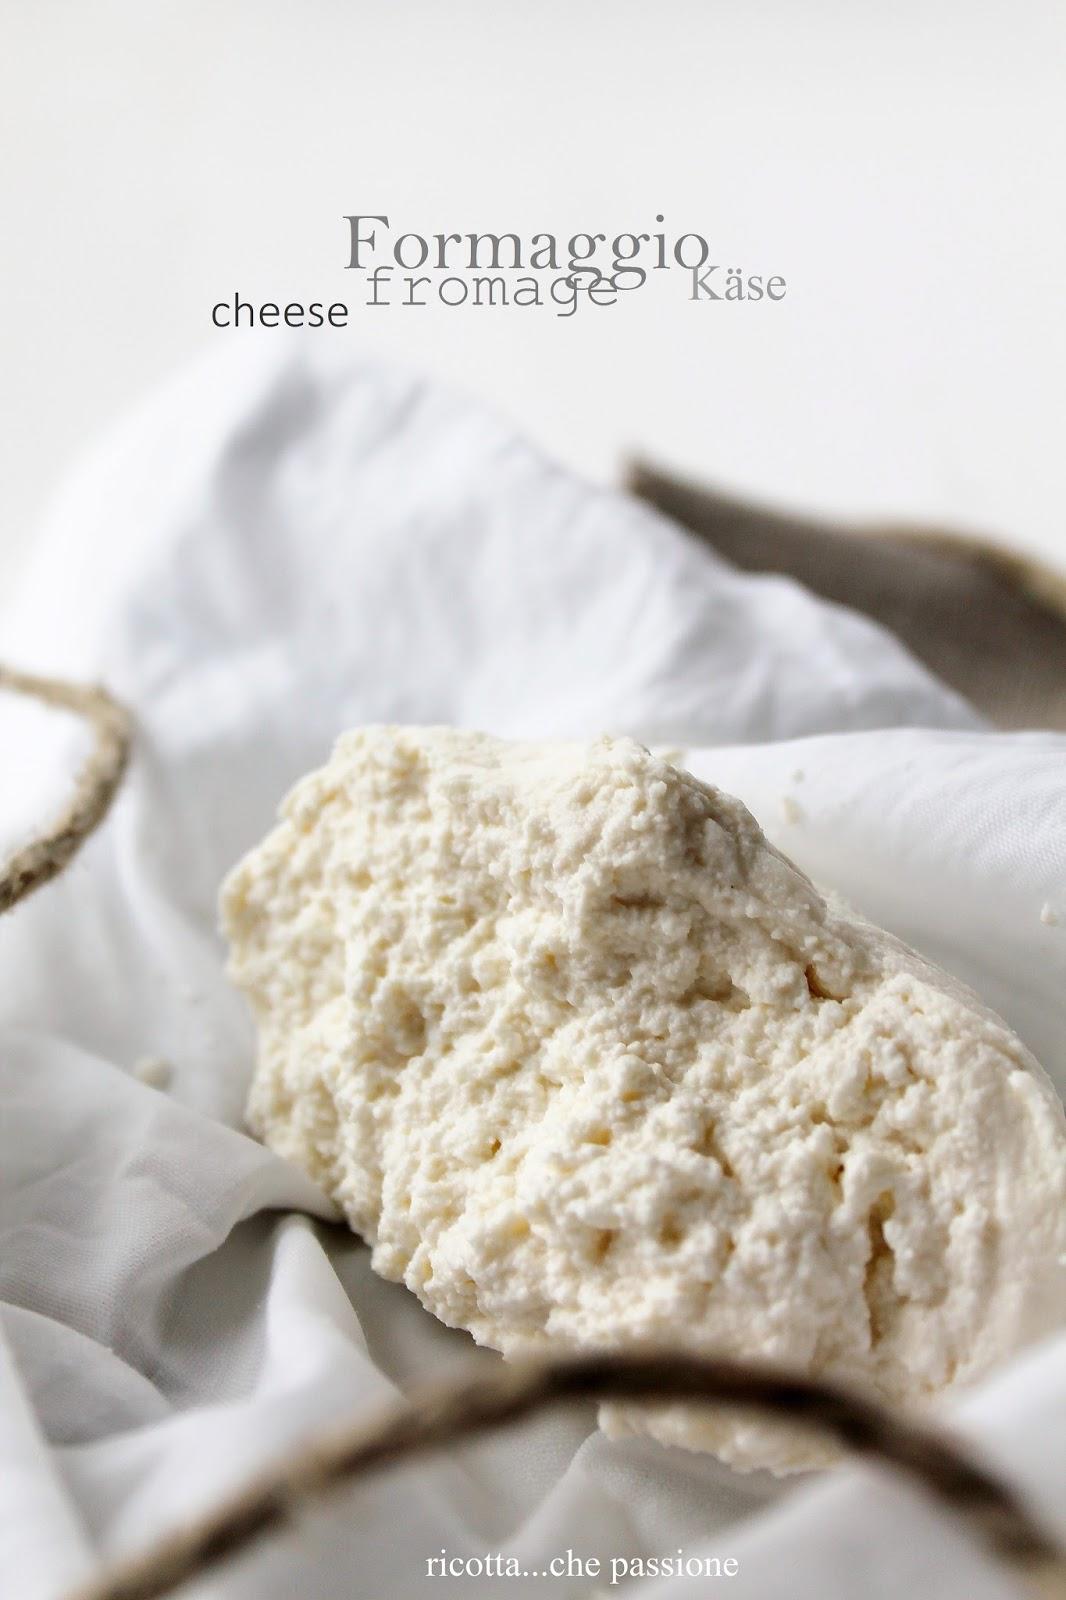 formaggio fatto in casa anche senza termometro. che soddisfazione!!!